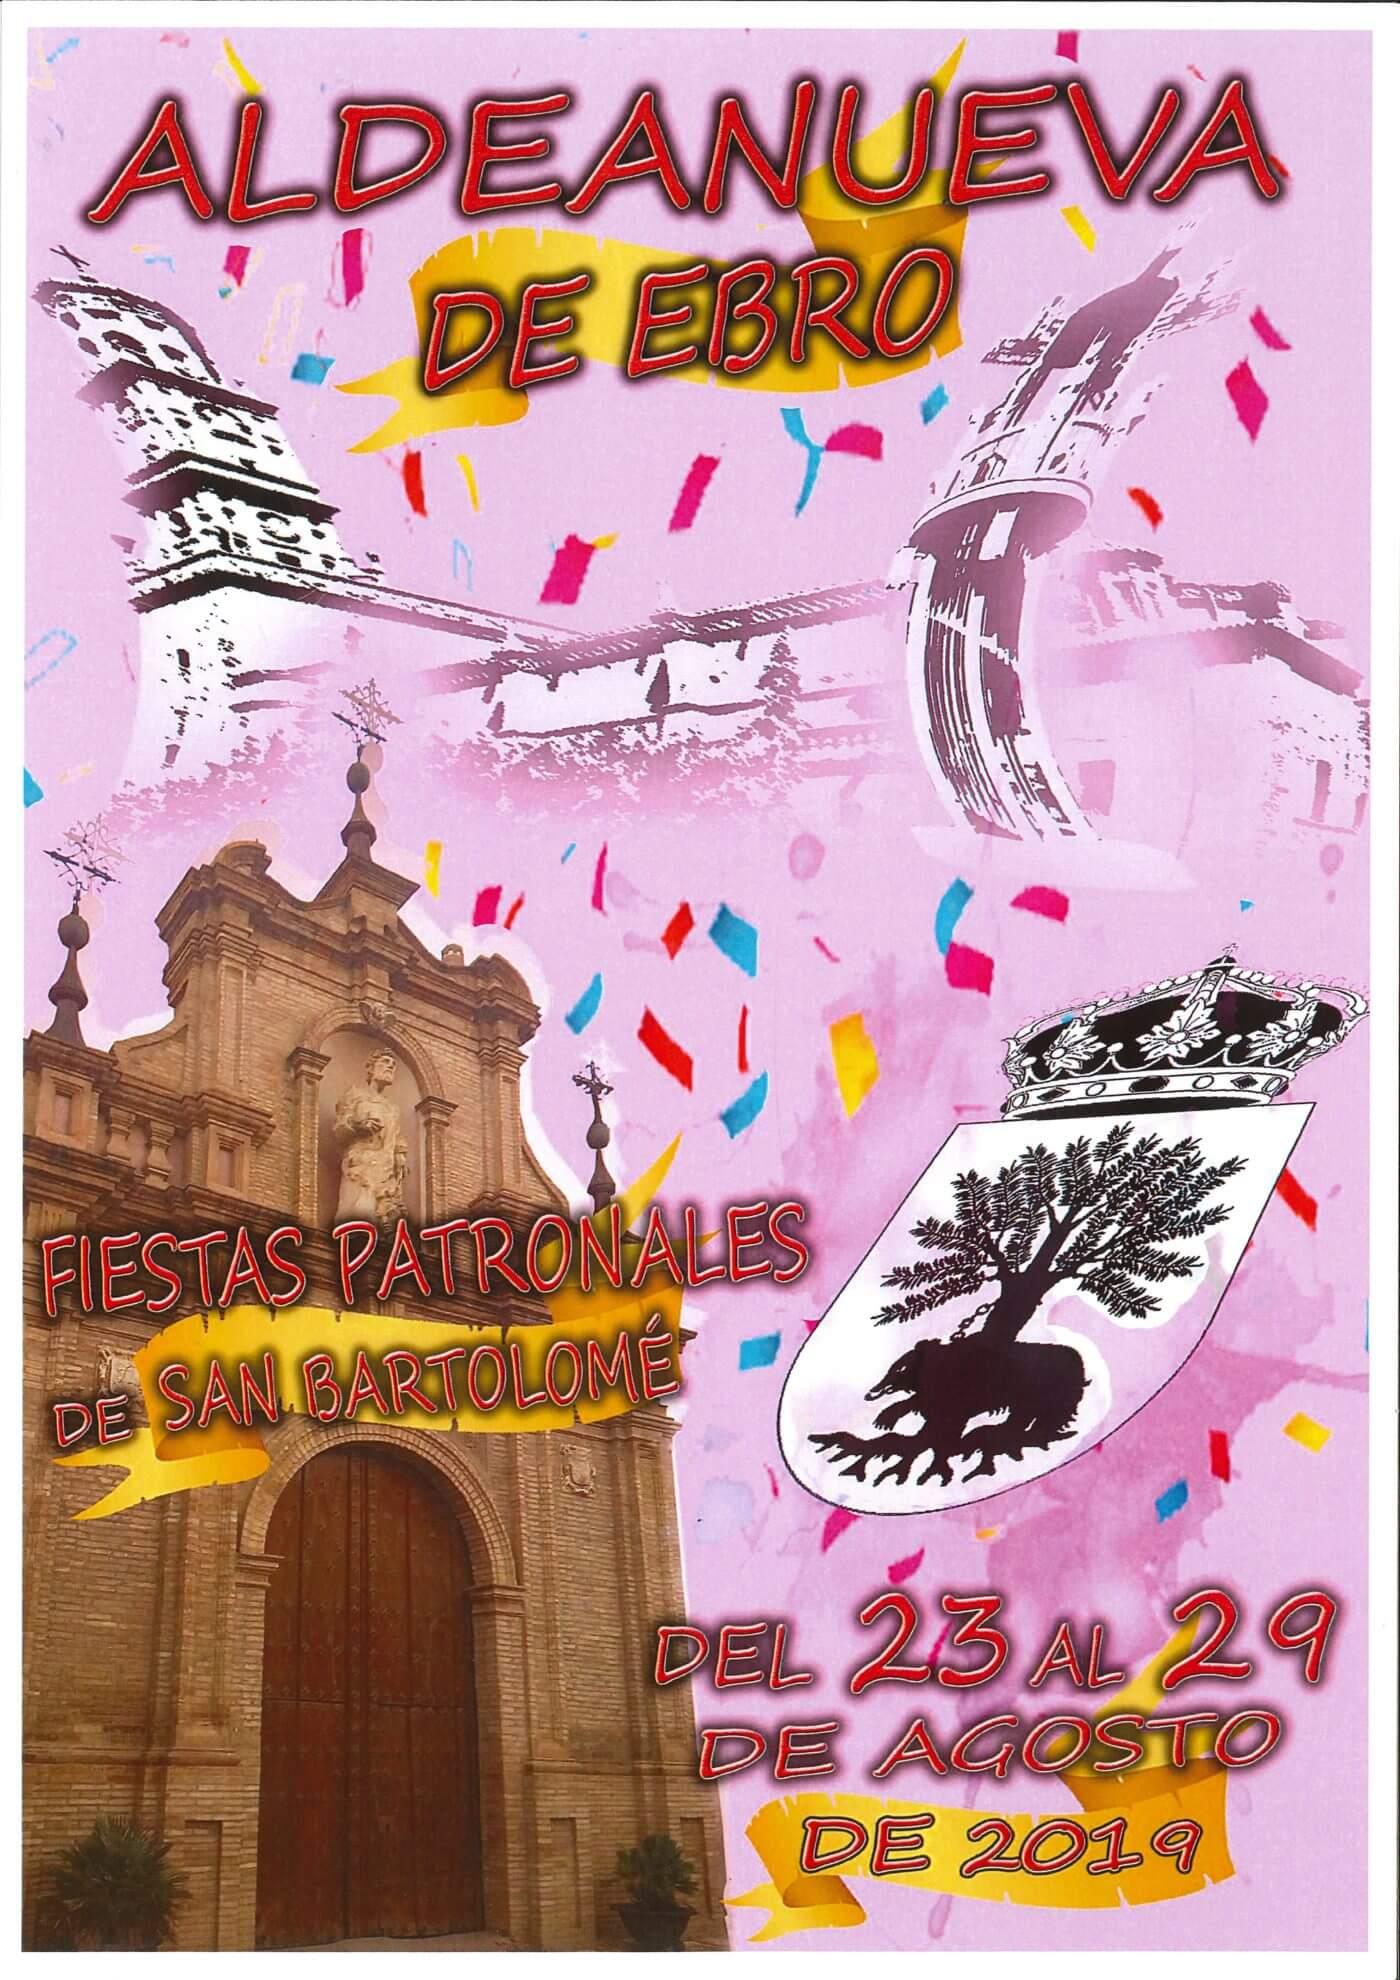 Aldeanueva de Ebro celebra sus fiestas de San Bartolomé del 23 al 29 de agosto